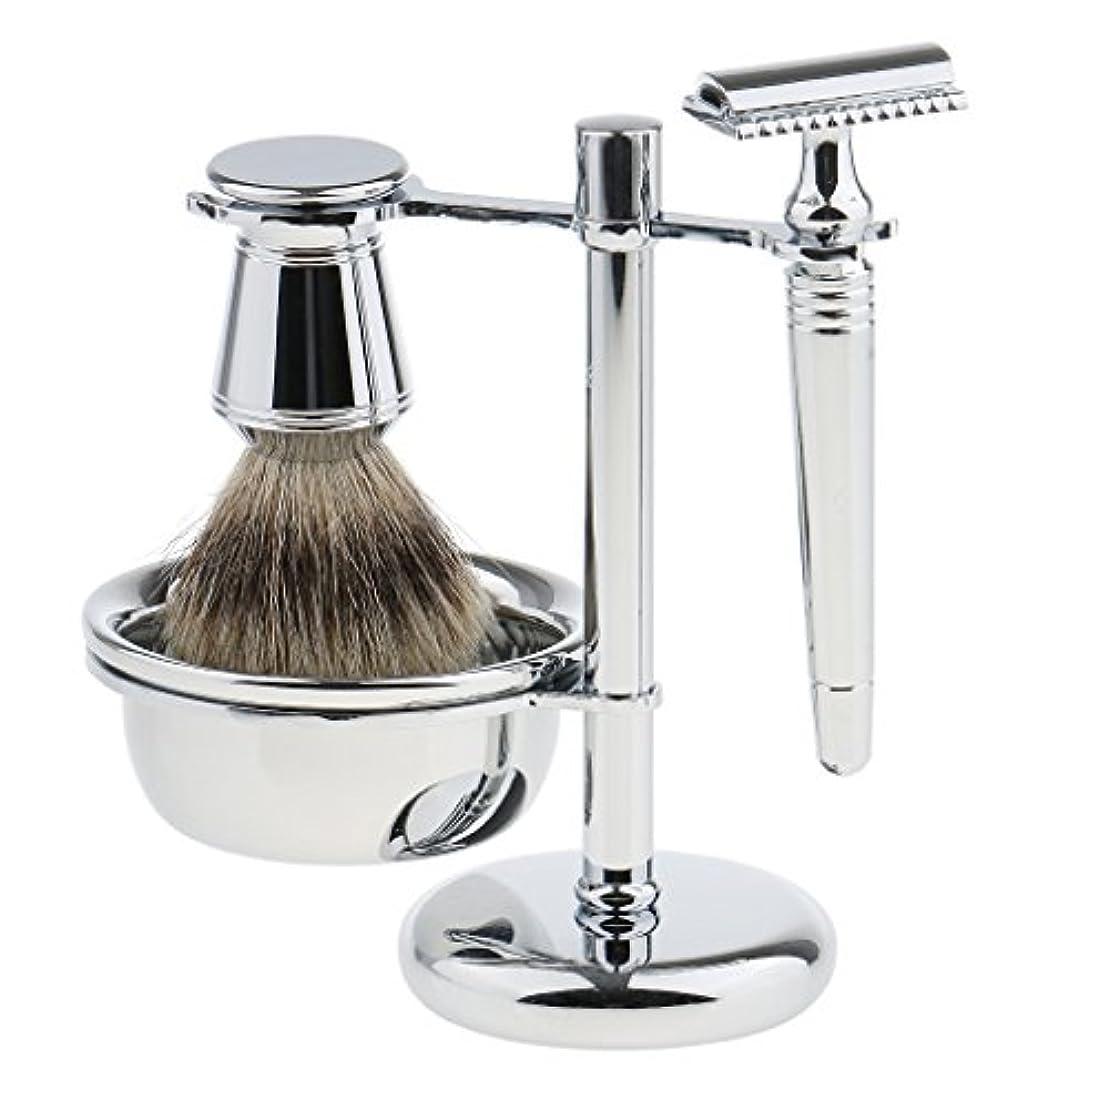 シェービング スタンド ブラシ カミソリ ボウル 髭剃り ひげそり メンズ プレゼント